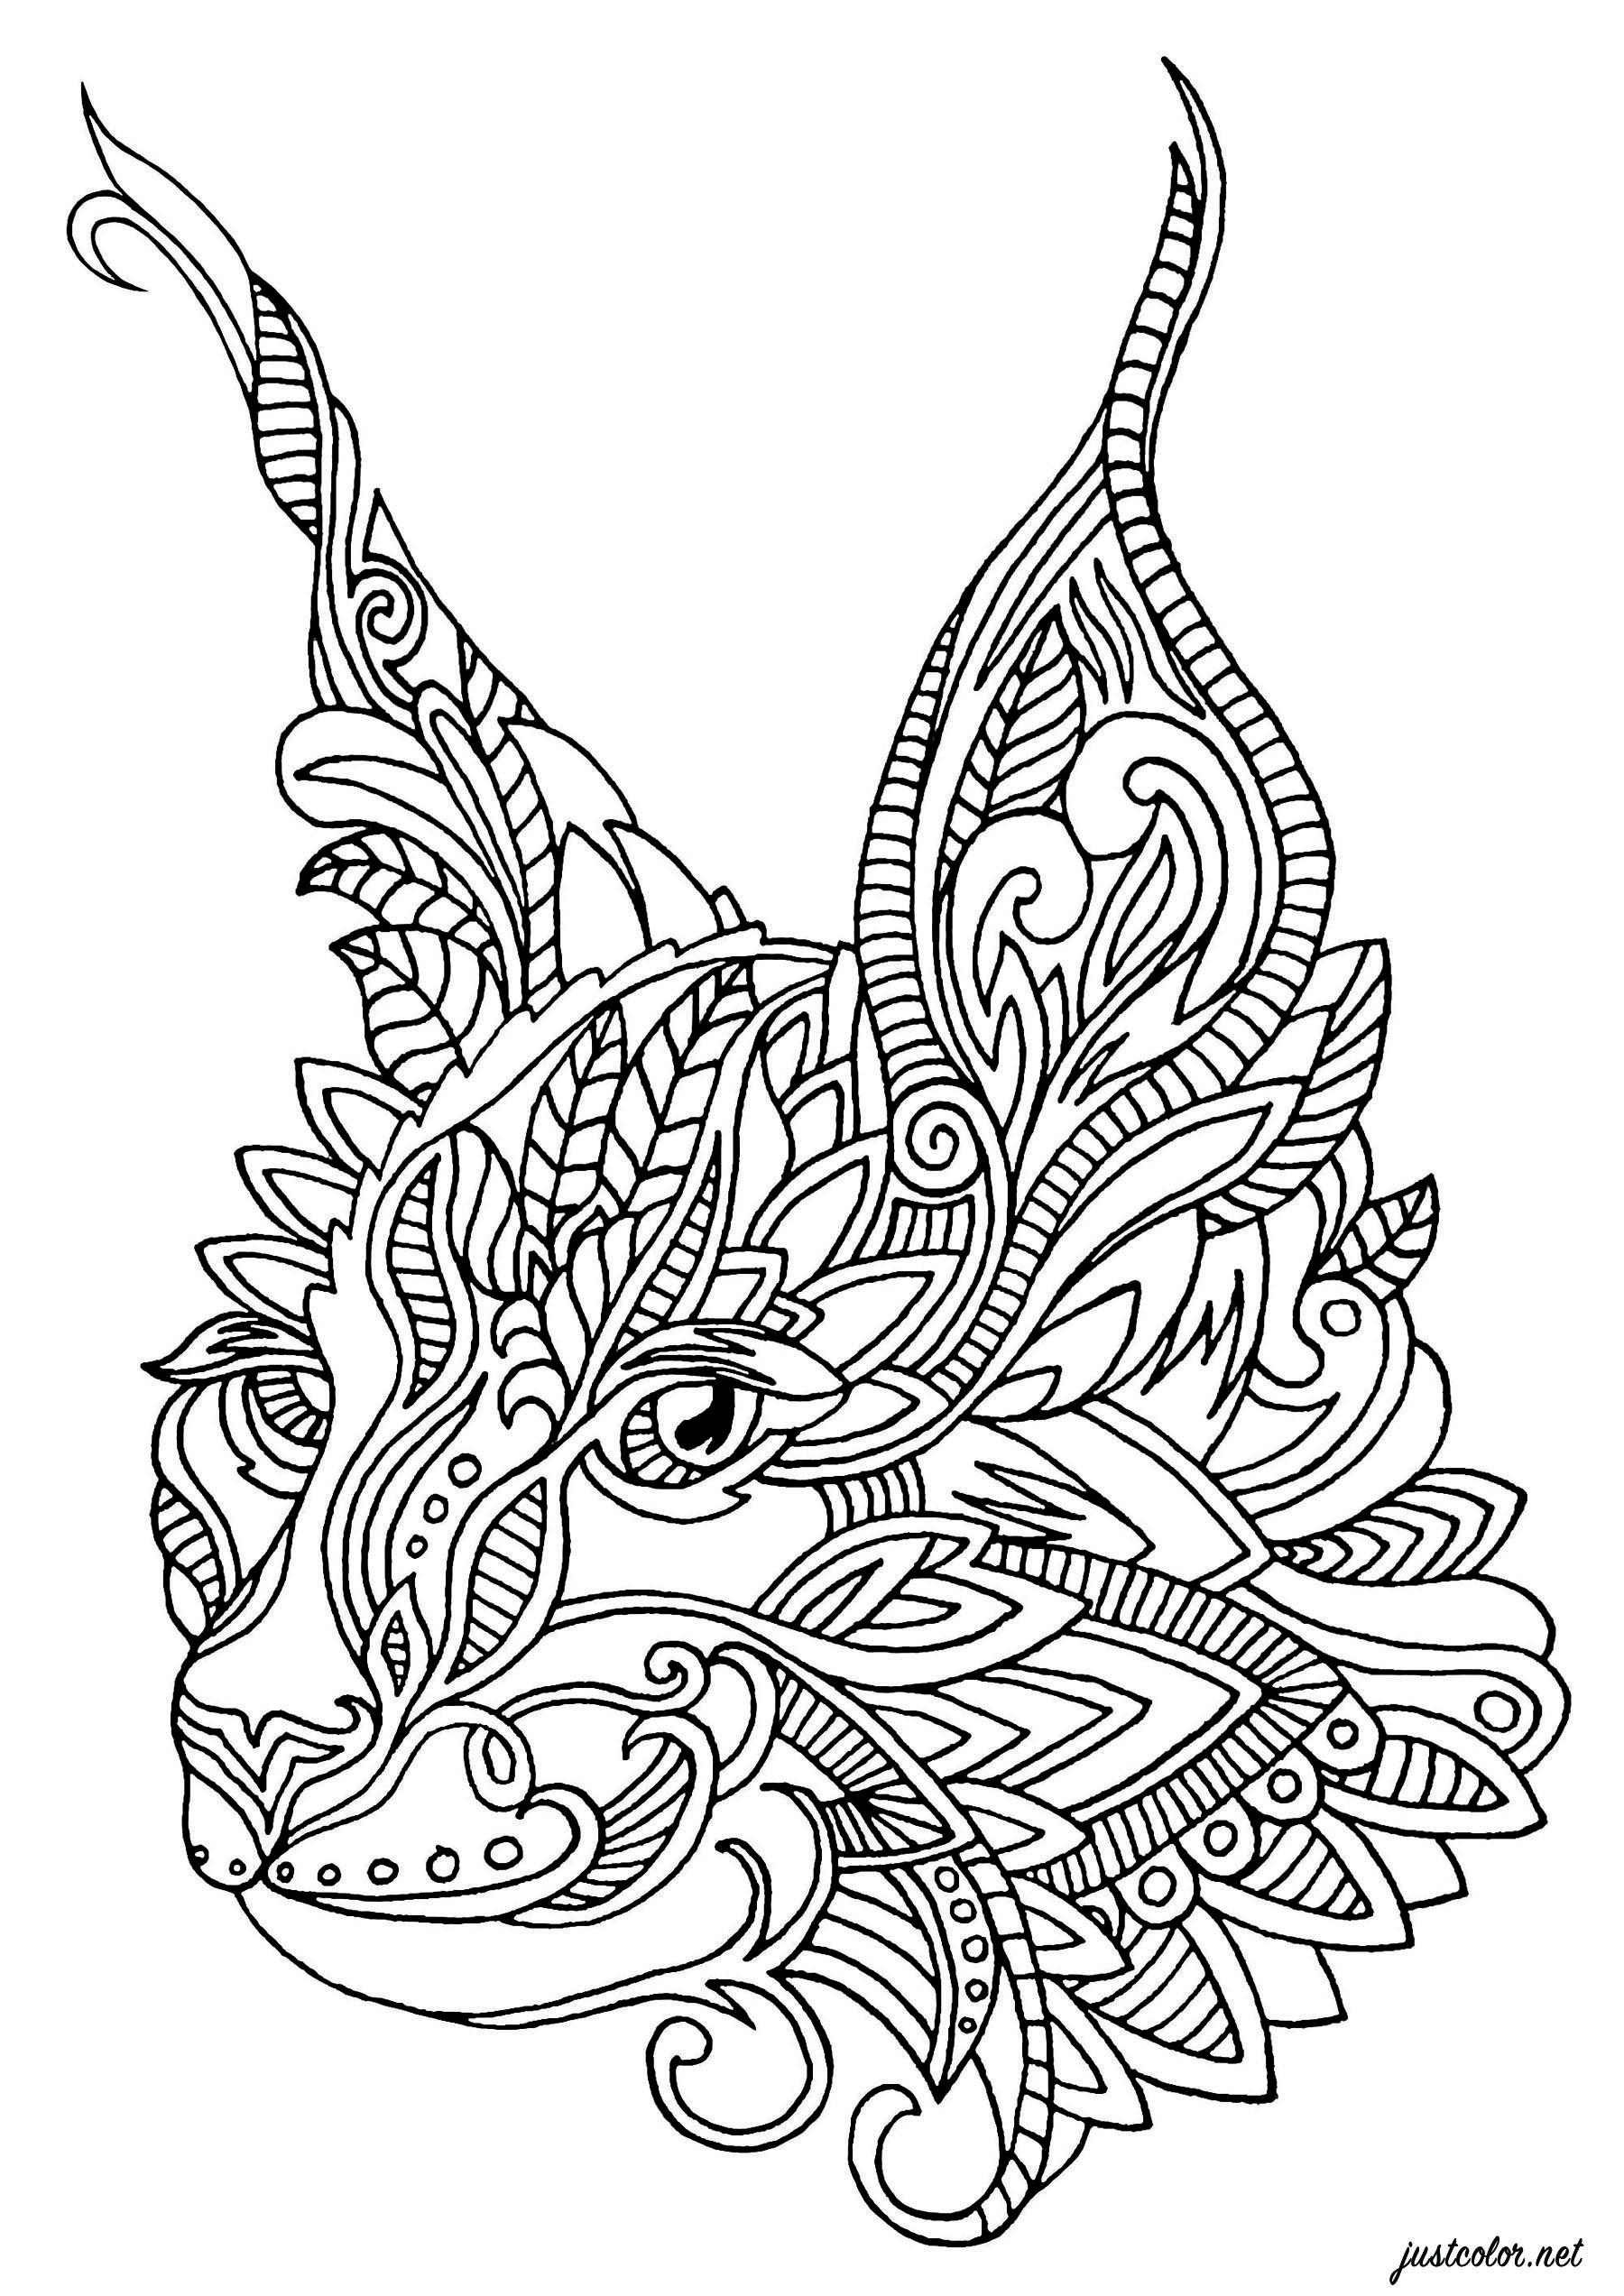 Coloriez cette tête de chat dessinée avec des motifs Zentangle